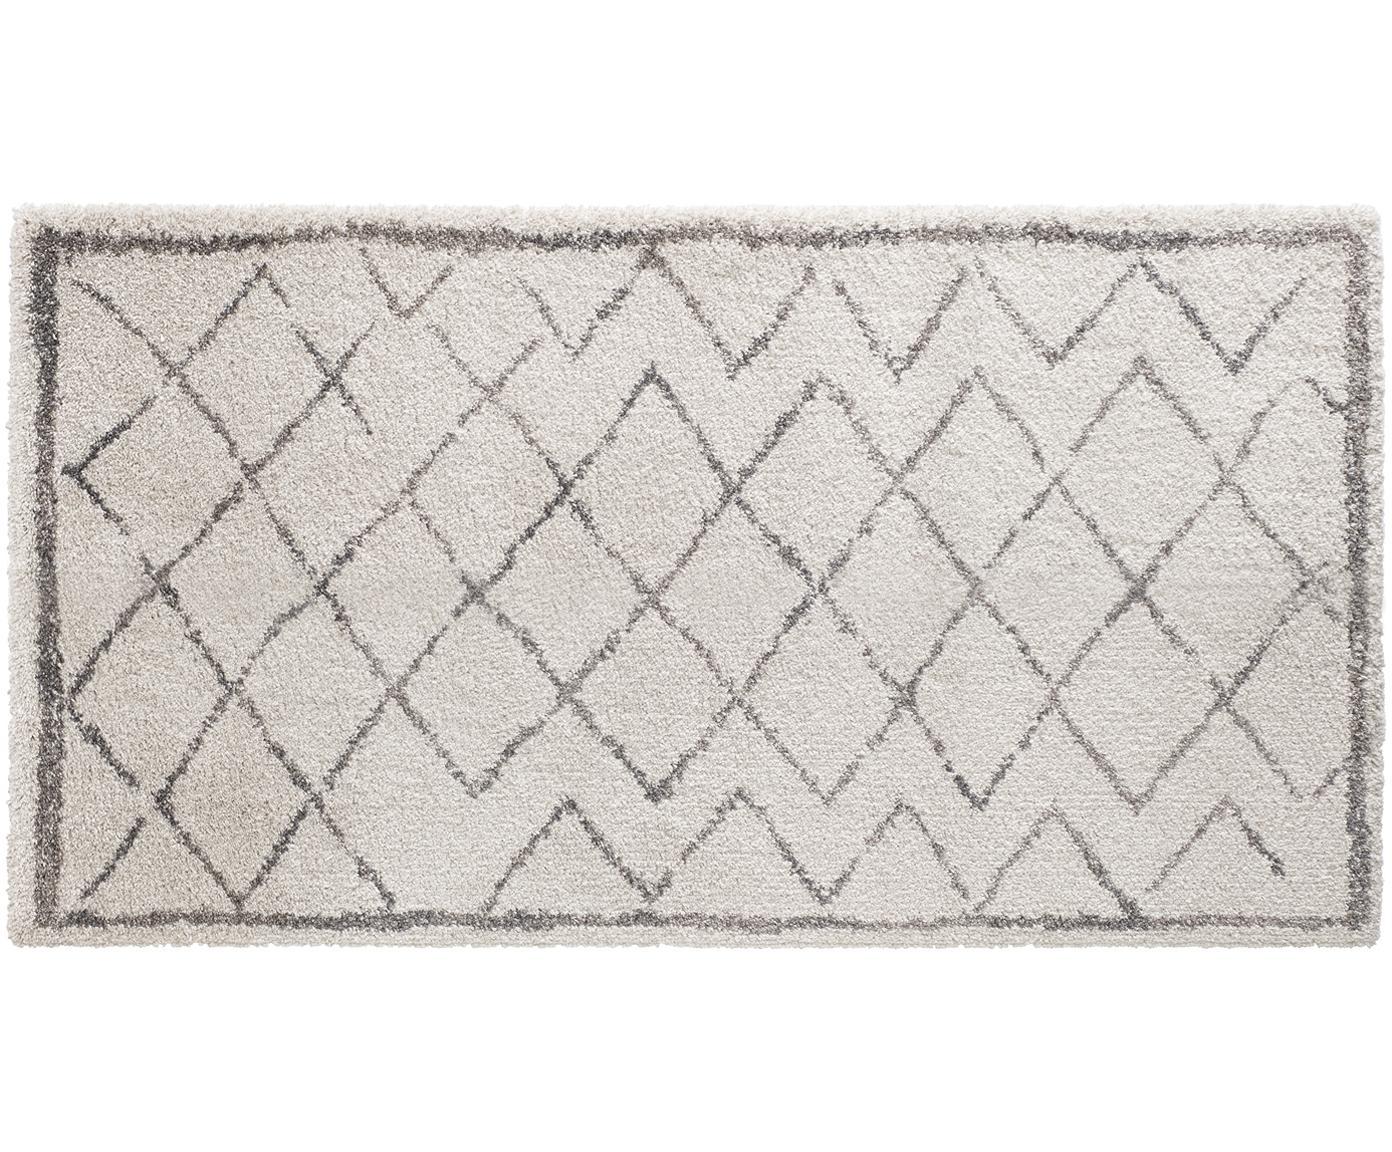 Hochflor-Teppich Grace Diamond mit Rautenmuster, Grau/Creme, Flor: 100% Polypropylen, Creme, Grau, B 80 x L 150 cm (Grösse XS)